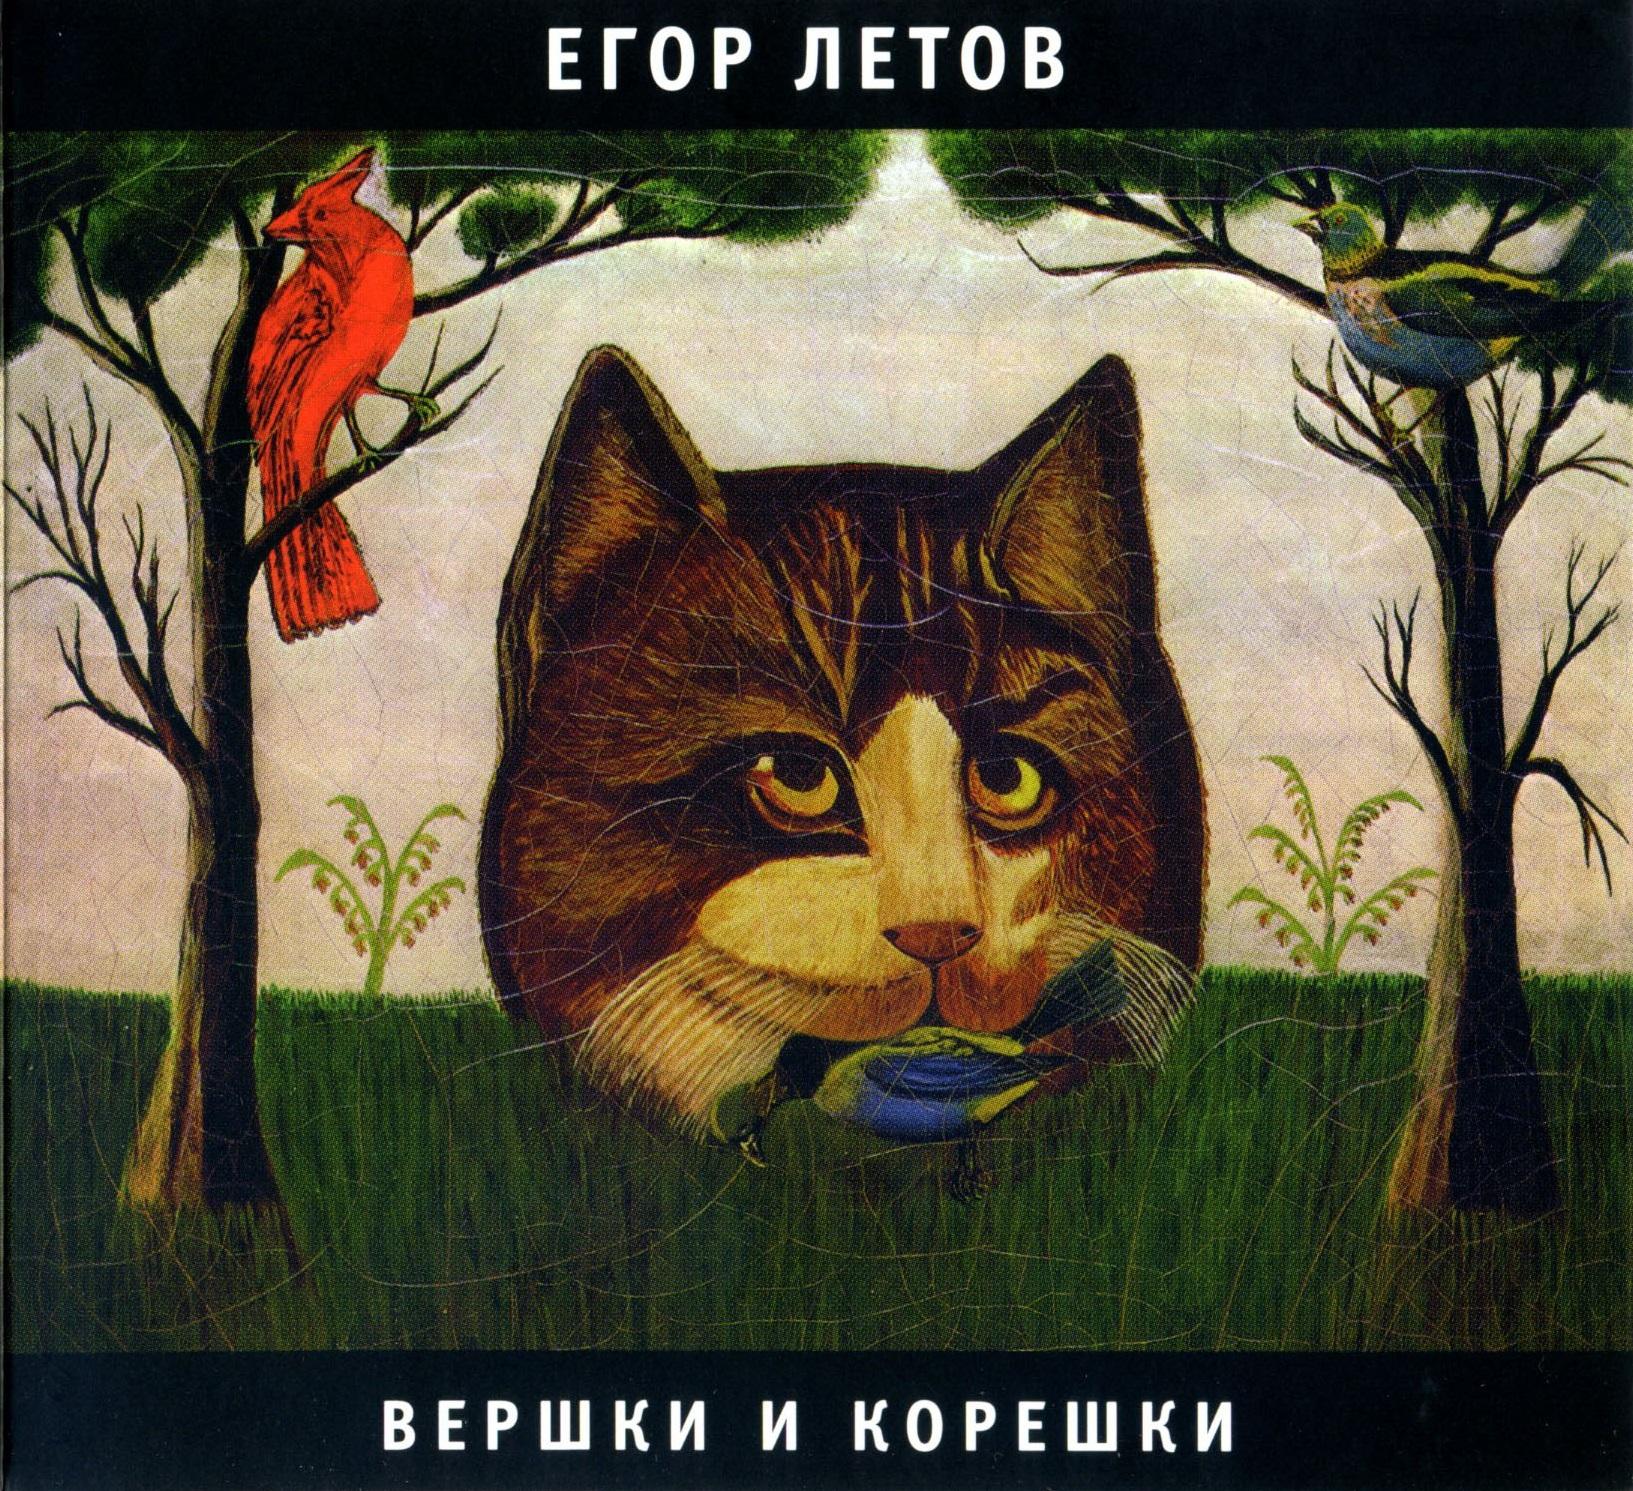 Егор Летов — Вершки и корешки (1989)